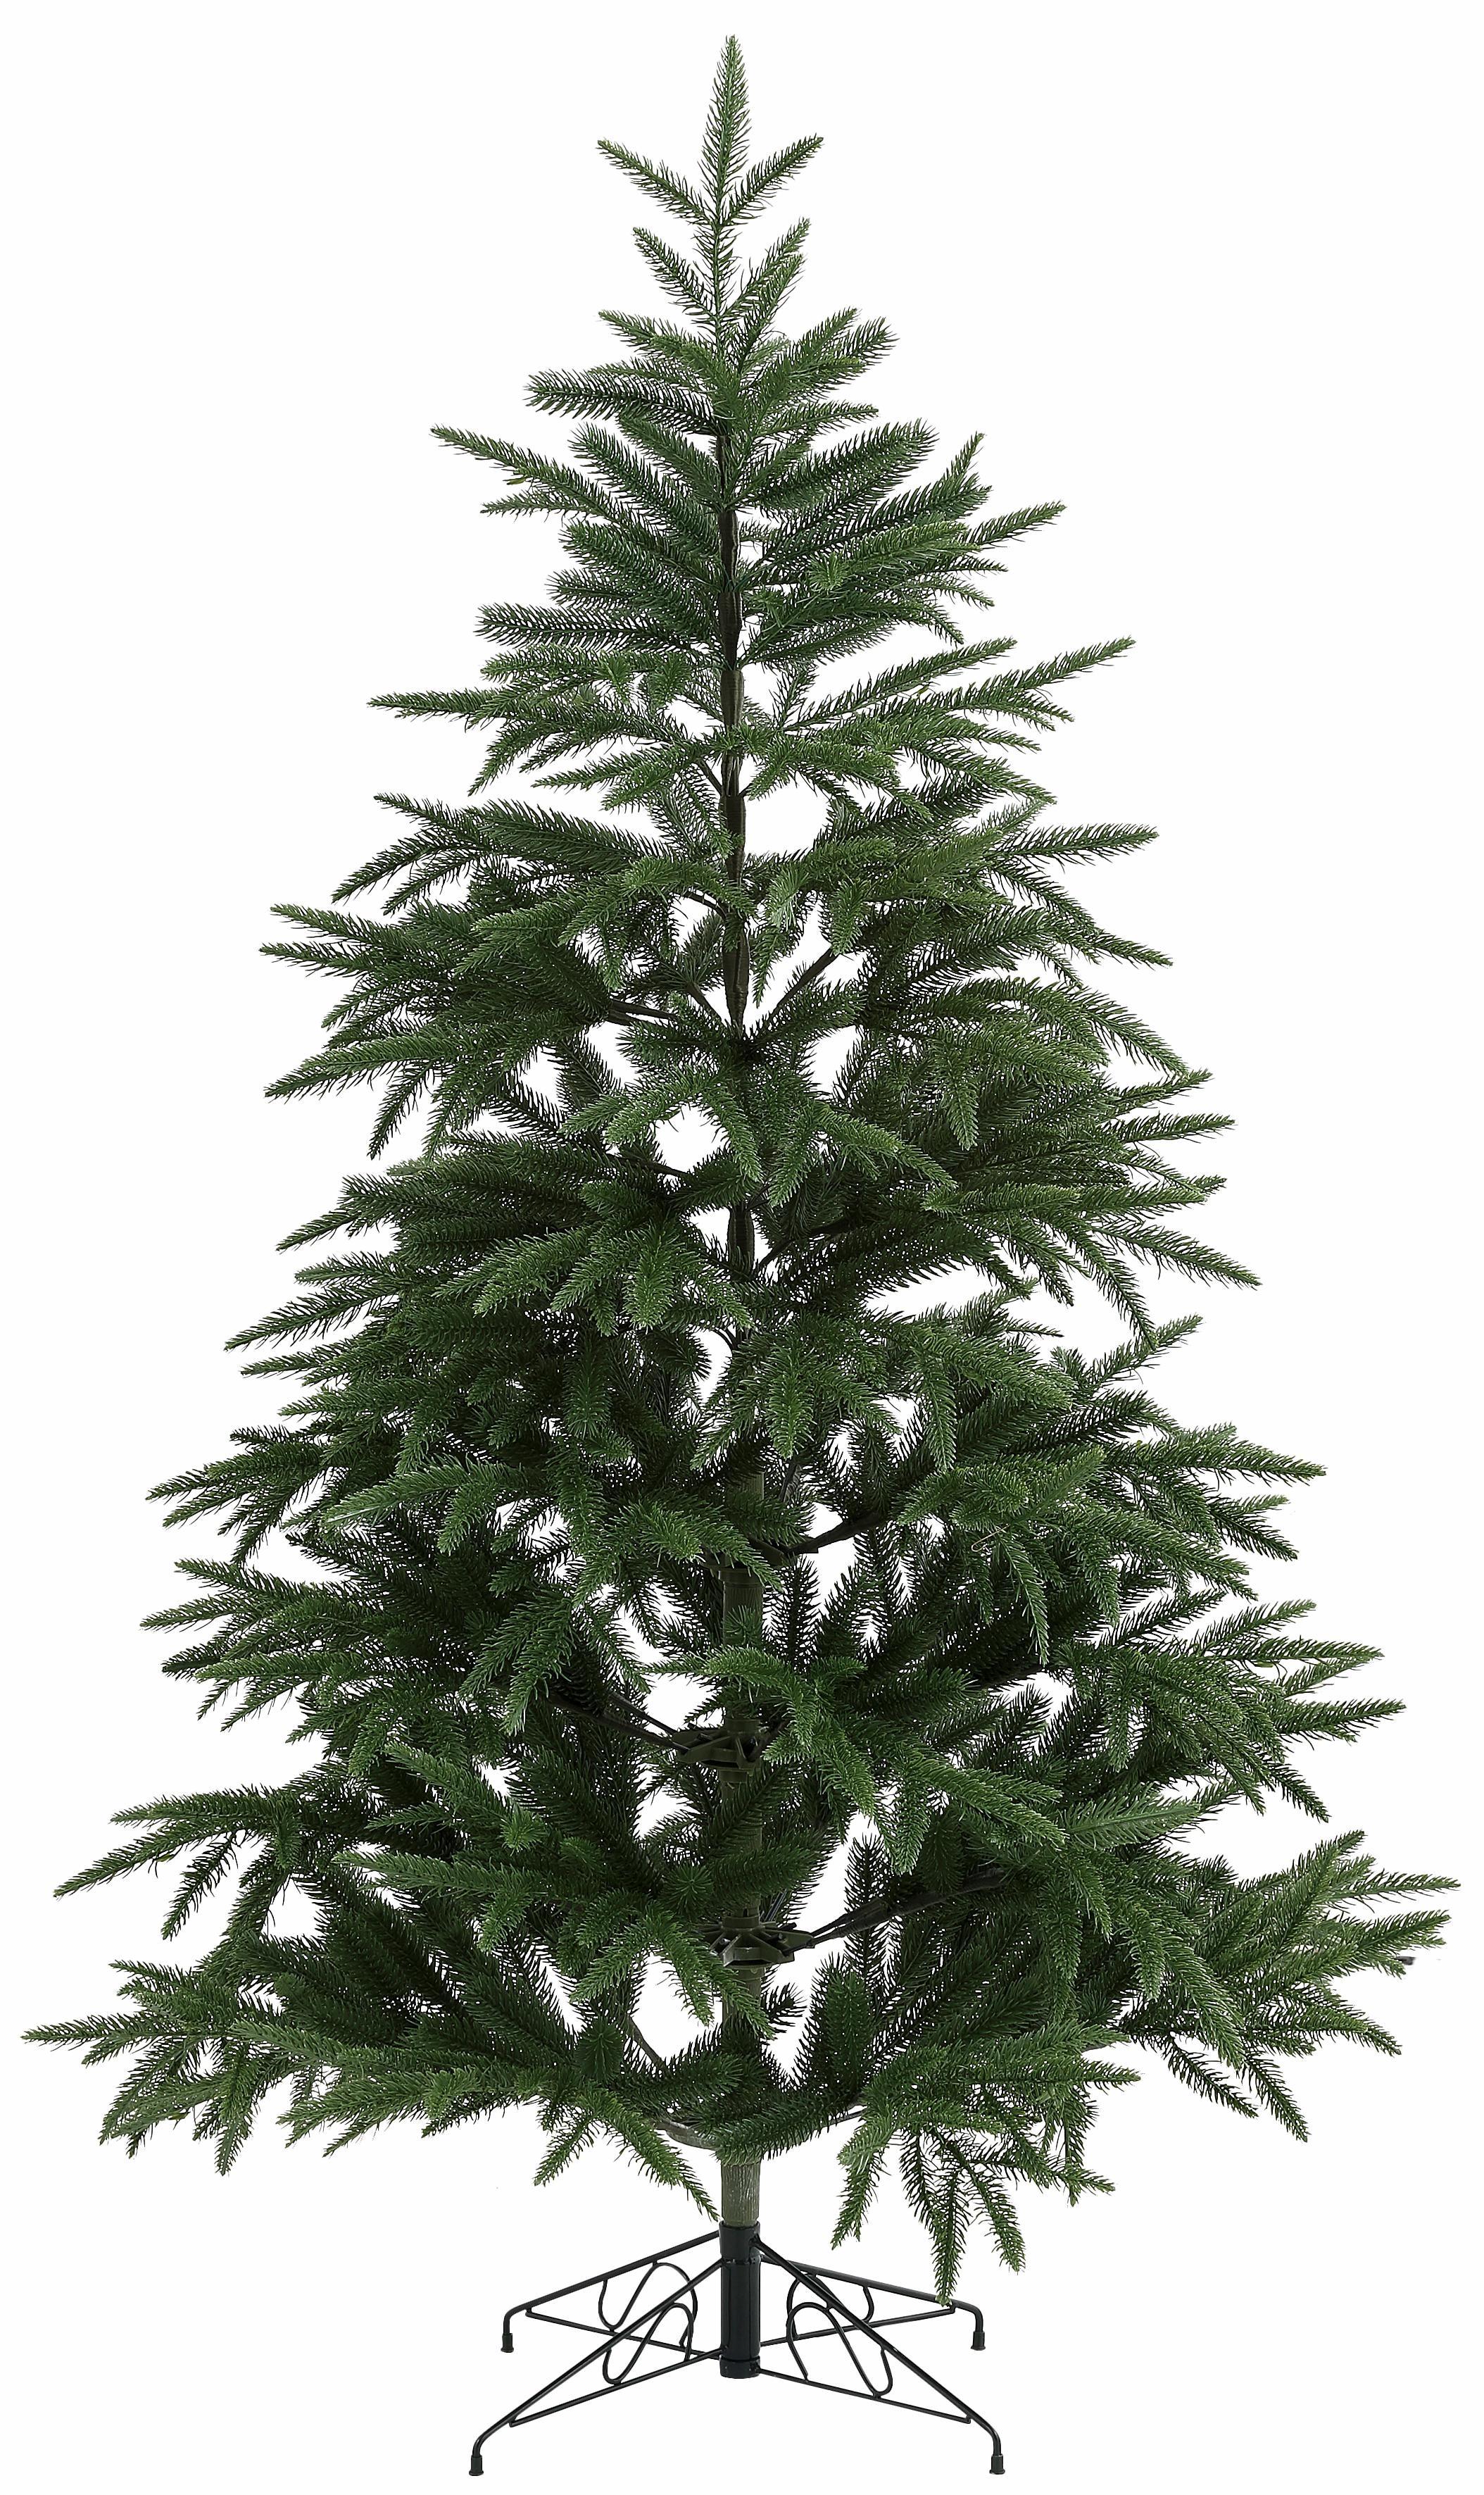 Künstlicher Weihnachtsbaum Wie Echt.Künstlicher Weihnachtsbaum Edeltanne Bestellen Baur